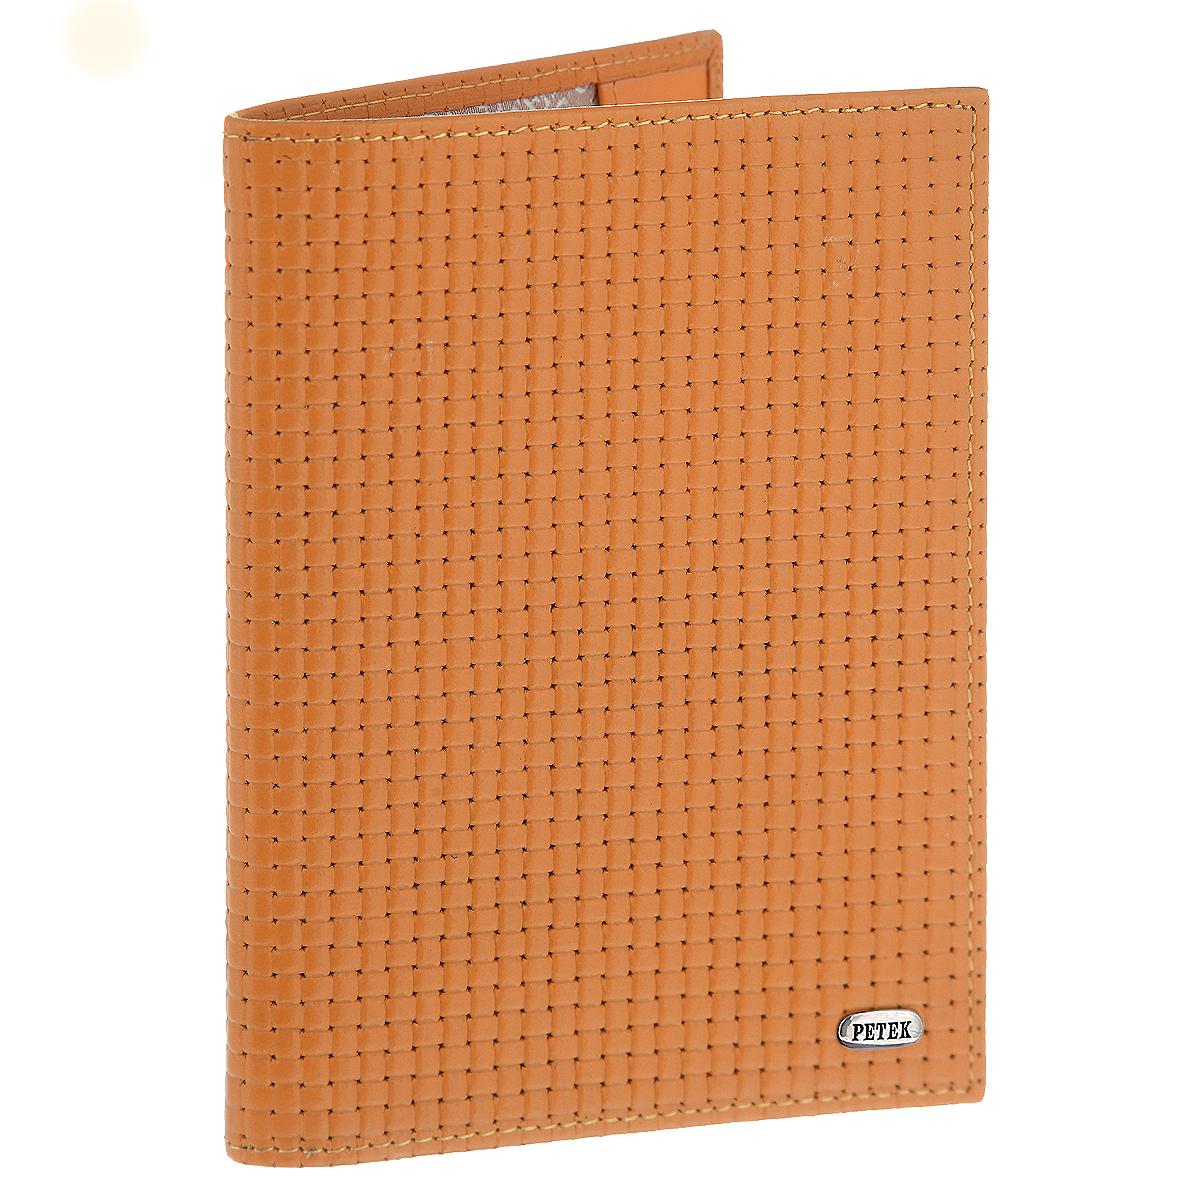 Обложка для паспорта Petek581.020.89 Orange PopsicleОбложка на паспорт Petek выполнена из натуральной высококачественной кожи с фактурным тиснением и оформлена металлической пластиной с надписью в виде логотипа бренда. Внутри обложка отделана атласным текстилем. На внутреннем развороте имеет два кармана из натуральной кожи для надежной фиксации. Стильная обложка не только защитит ваши документы, но и станет аксессуаром, подчеркивающим ваш образ. Изделие упаковано в фирменную коробку коричневого цвета с логотипом фирмы Petek 1855.